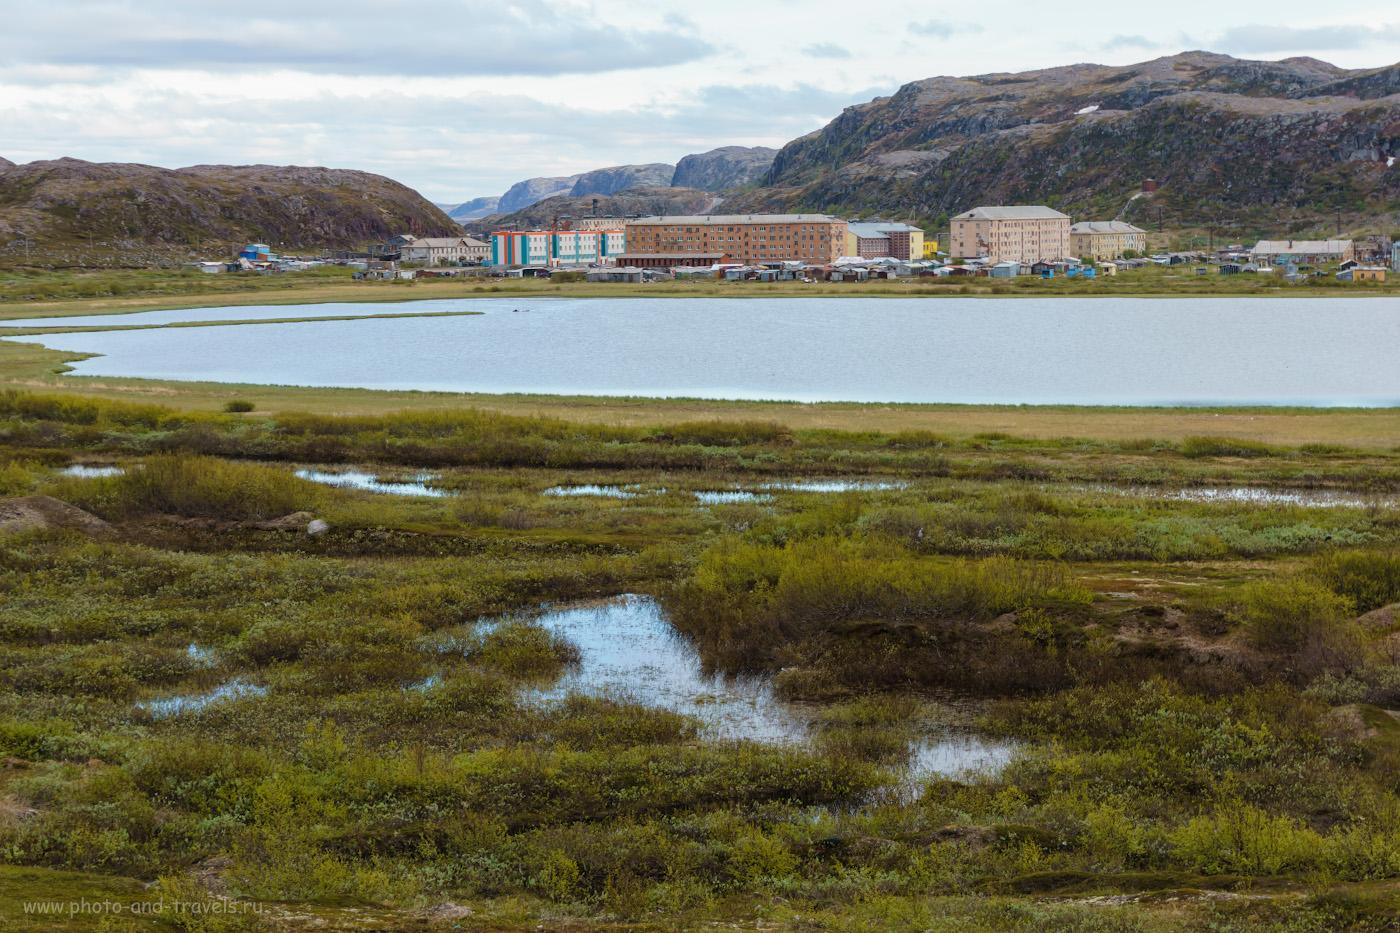 Фотография 12. Вид на село Лодейное с северного берега озера Капшуковое.